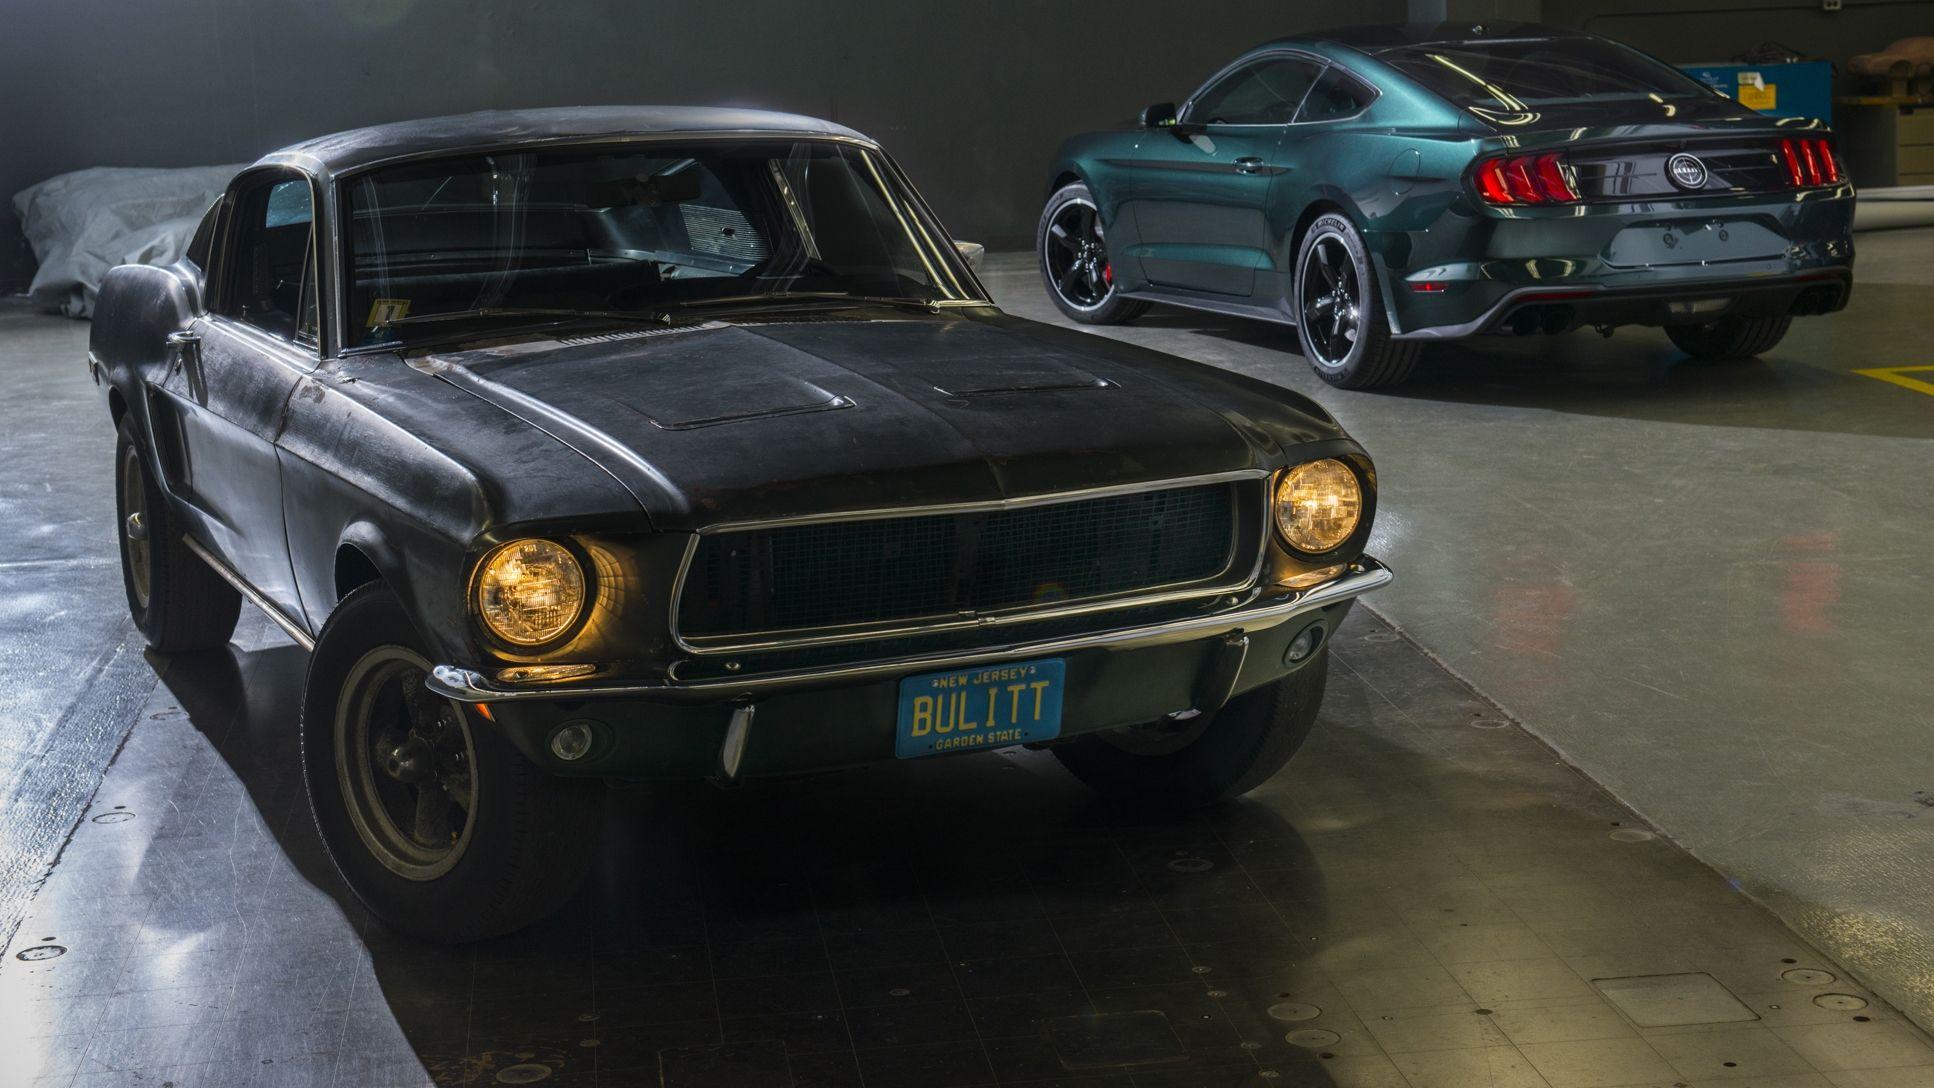 Rešena enigma: Pronađen Mustang iz Bullitta